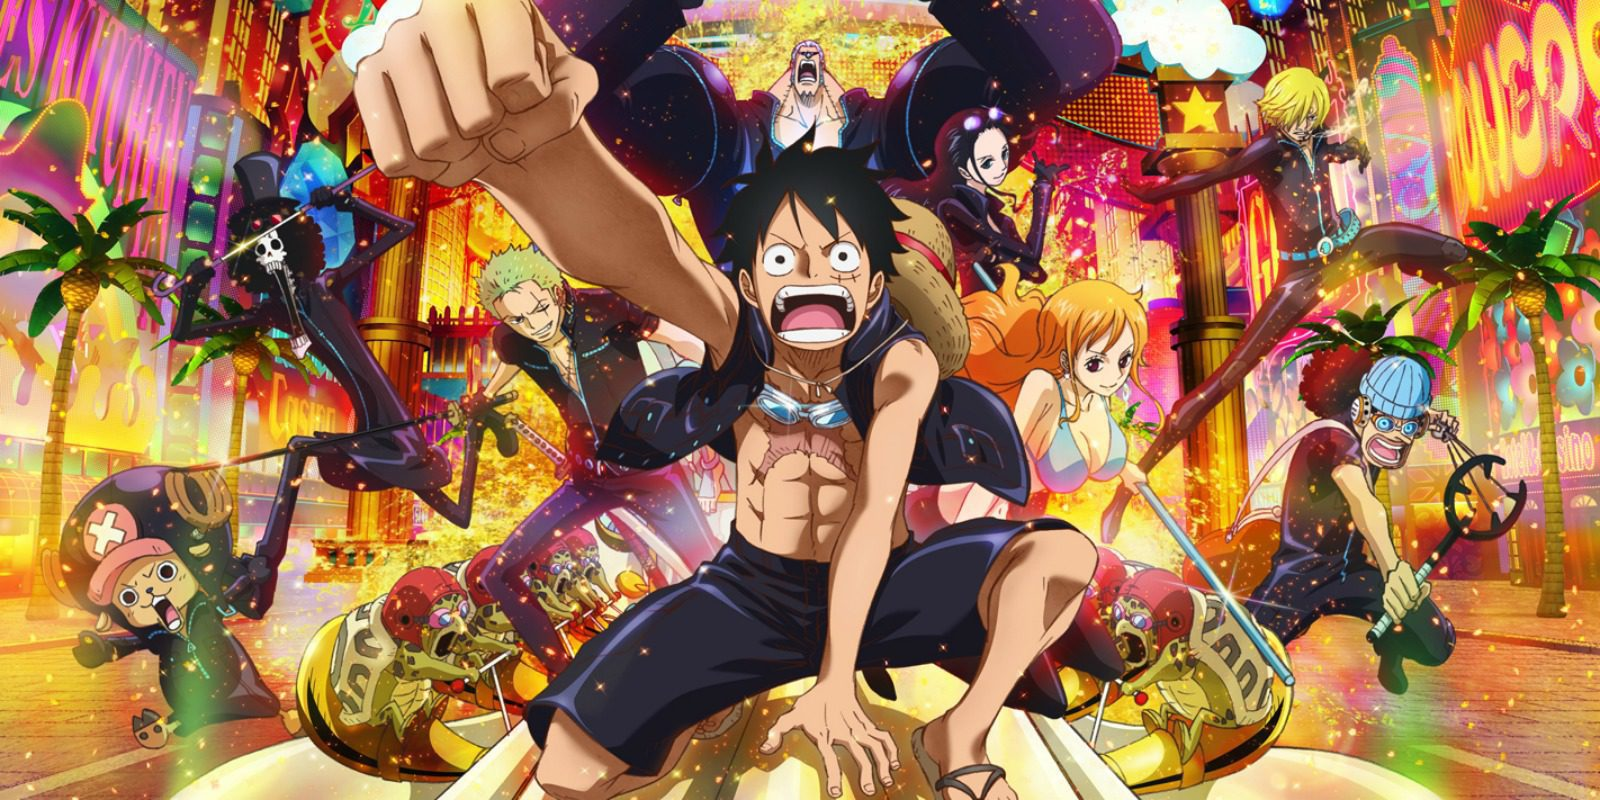 'One Piece' y 'Naruto: Shippuden' son los animes más populares de 2016 - Zonared